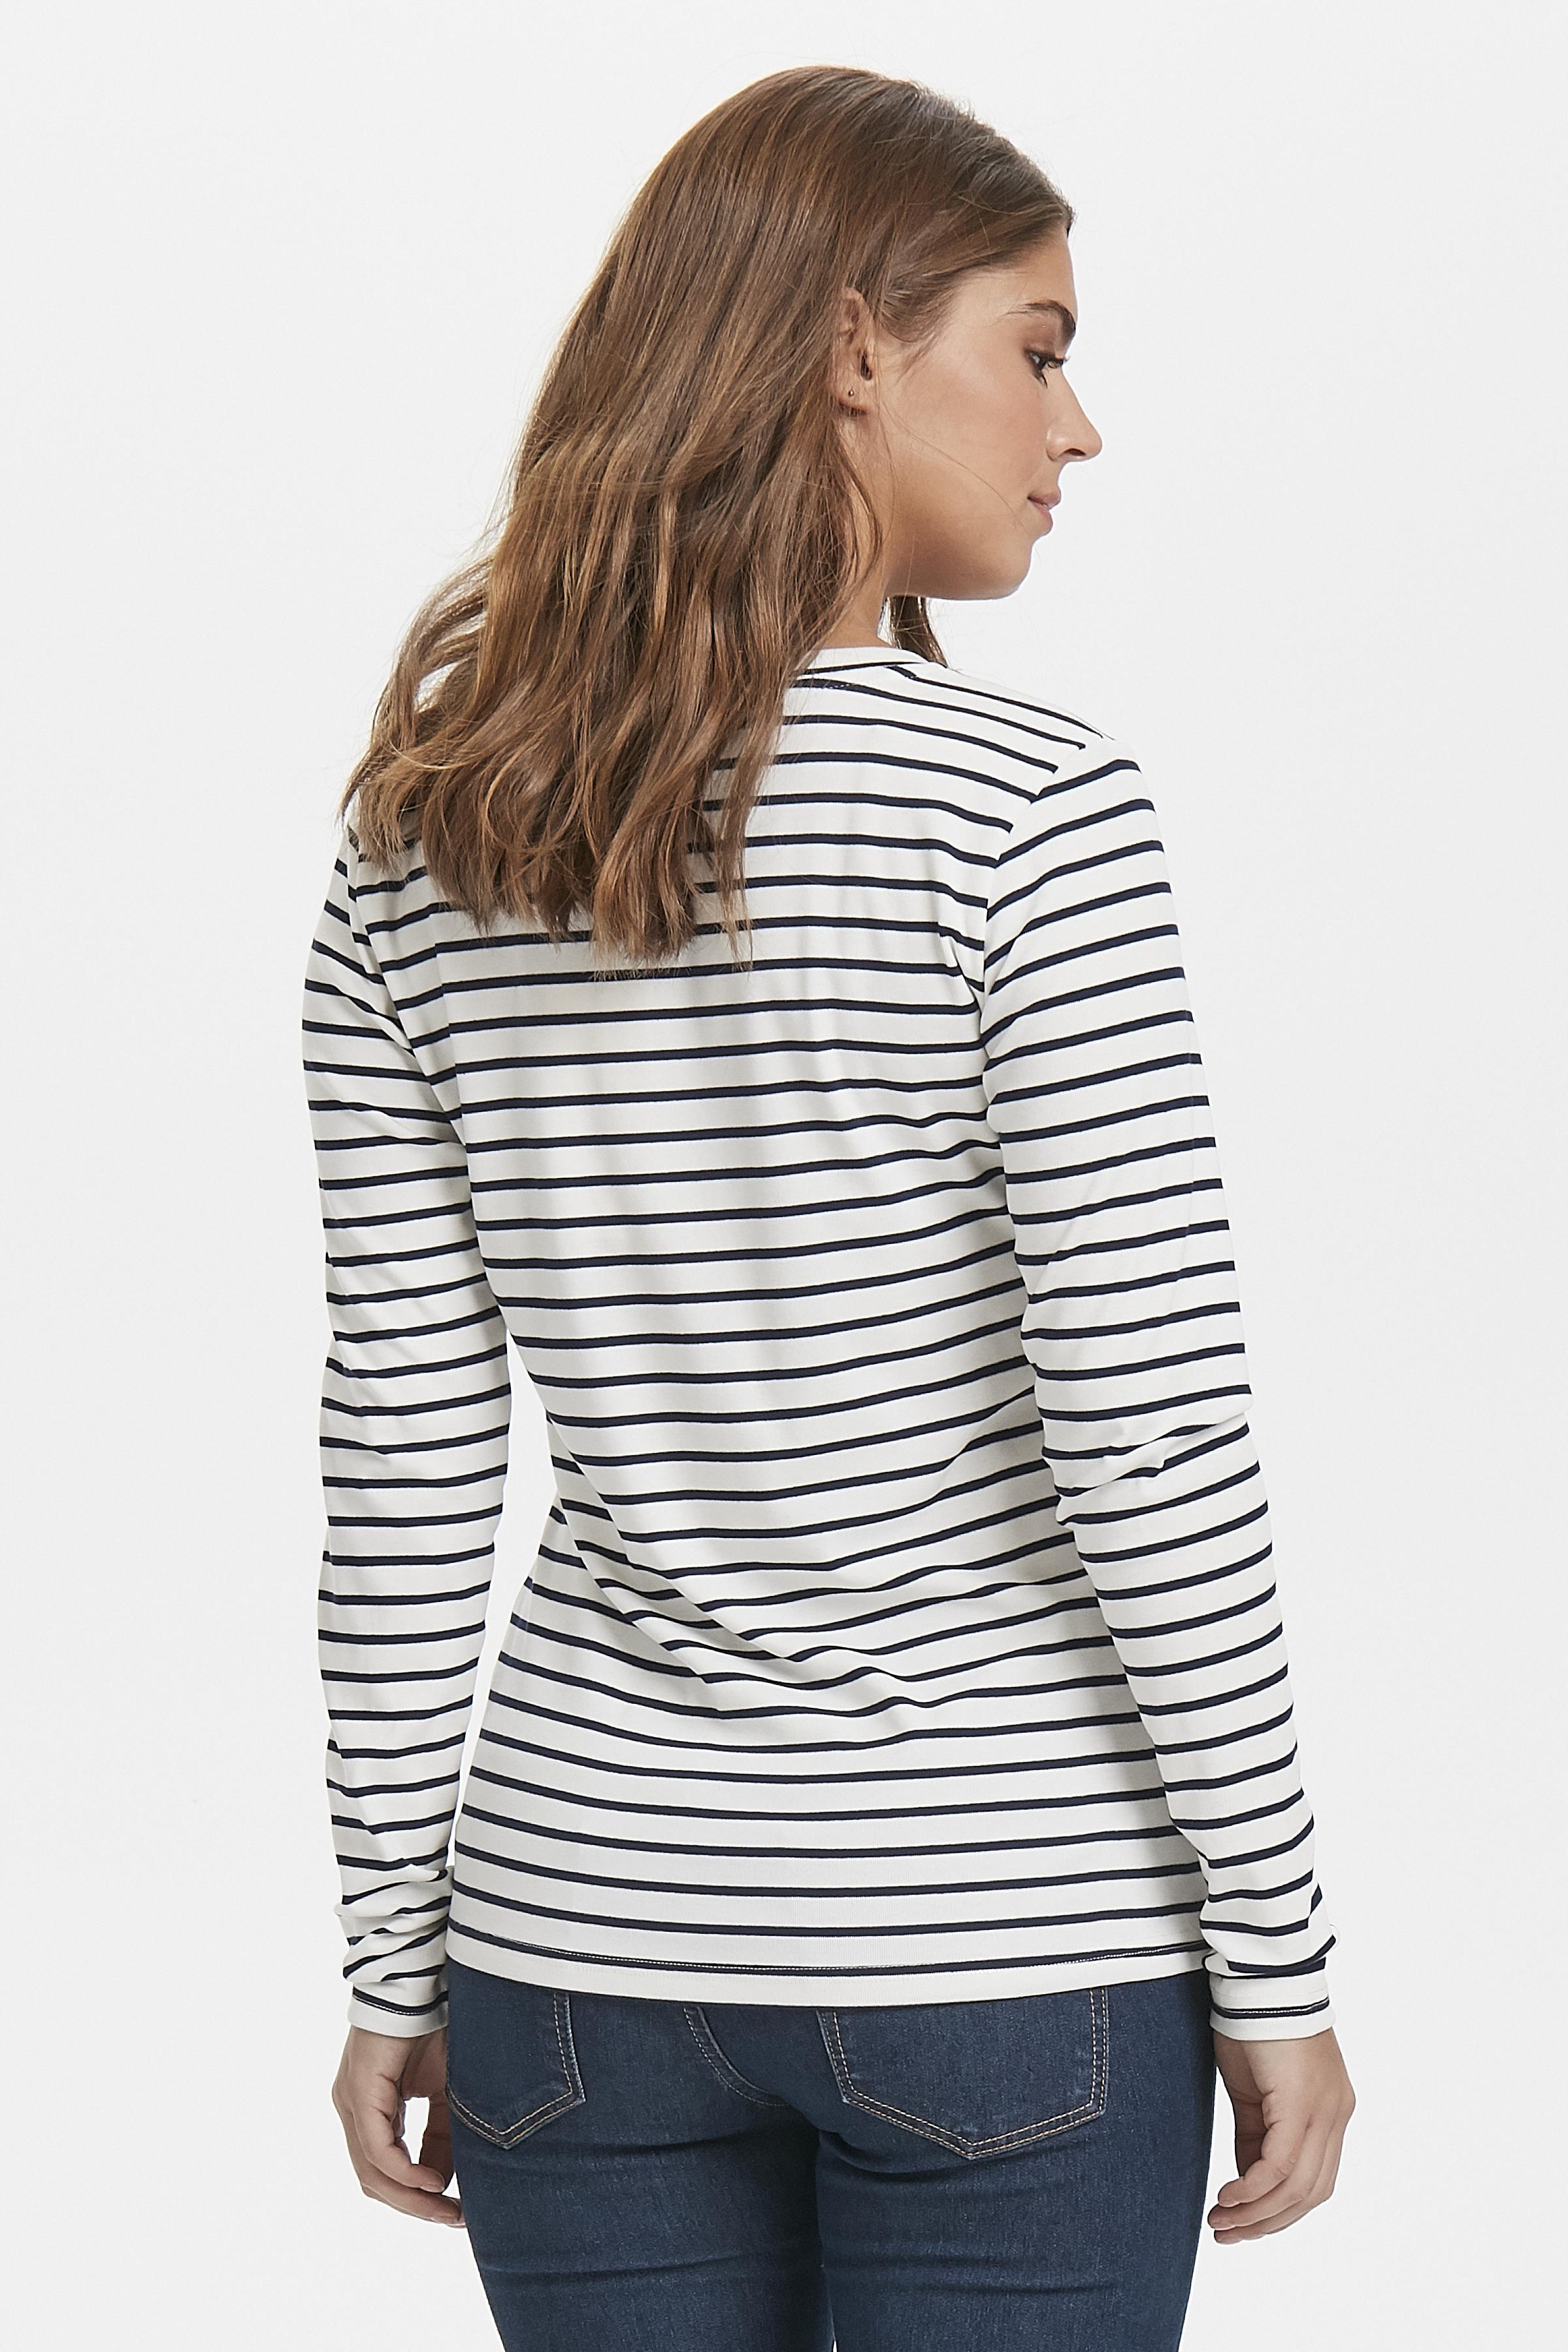 Off-white/marineblauw Lange mouwen shirt  van Kaffe – Door Off-white/marineblauw Lange mouwen shirt  van maat. XS-XXL hier